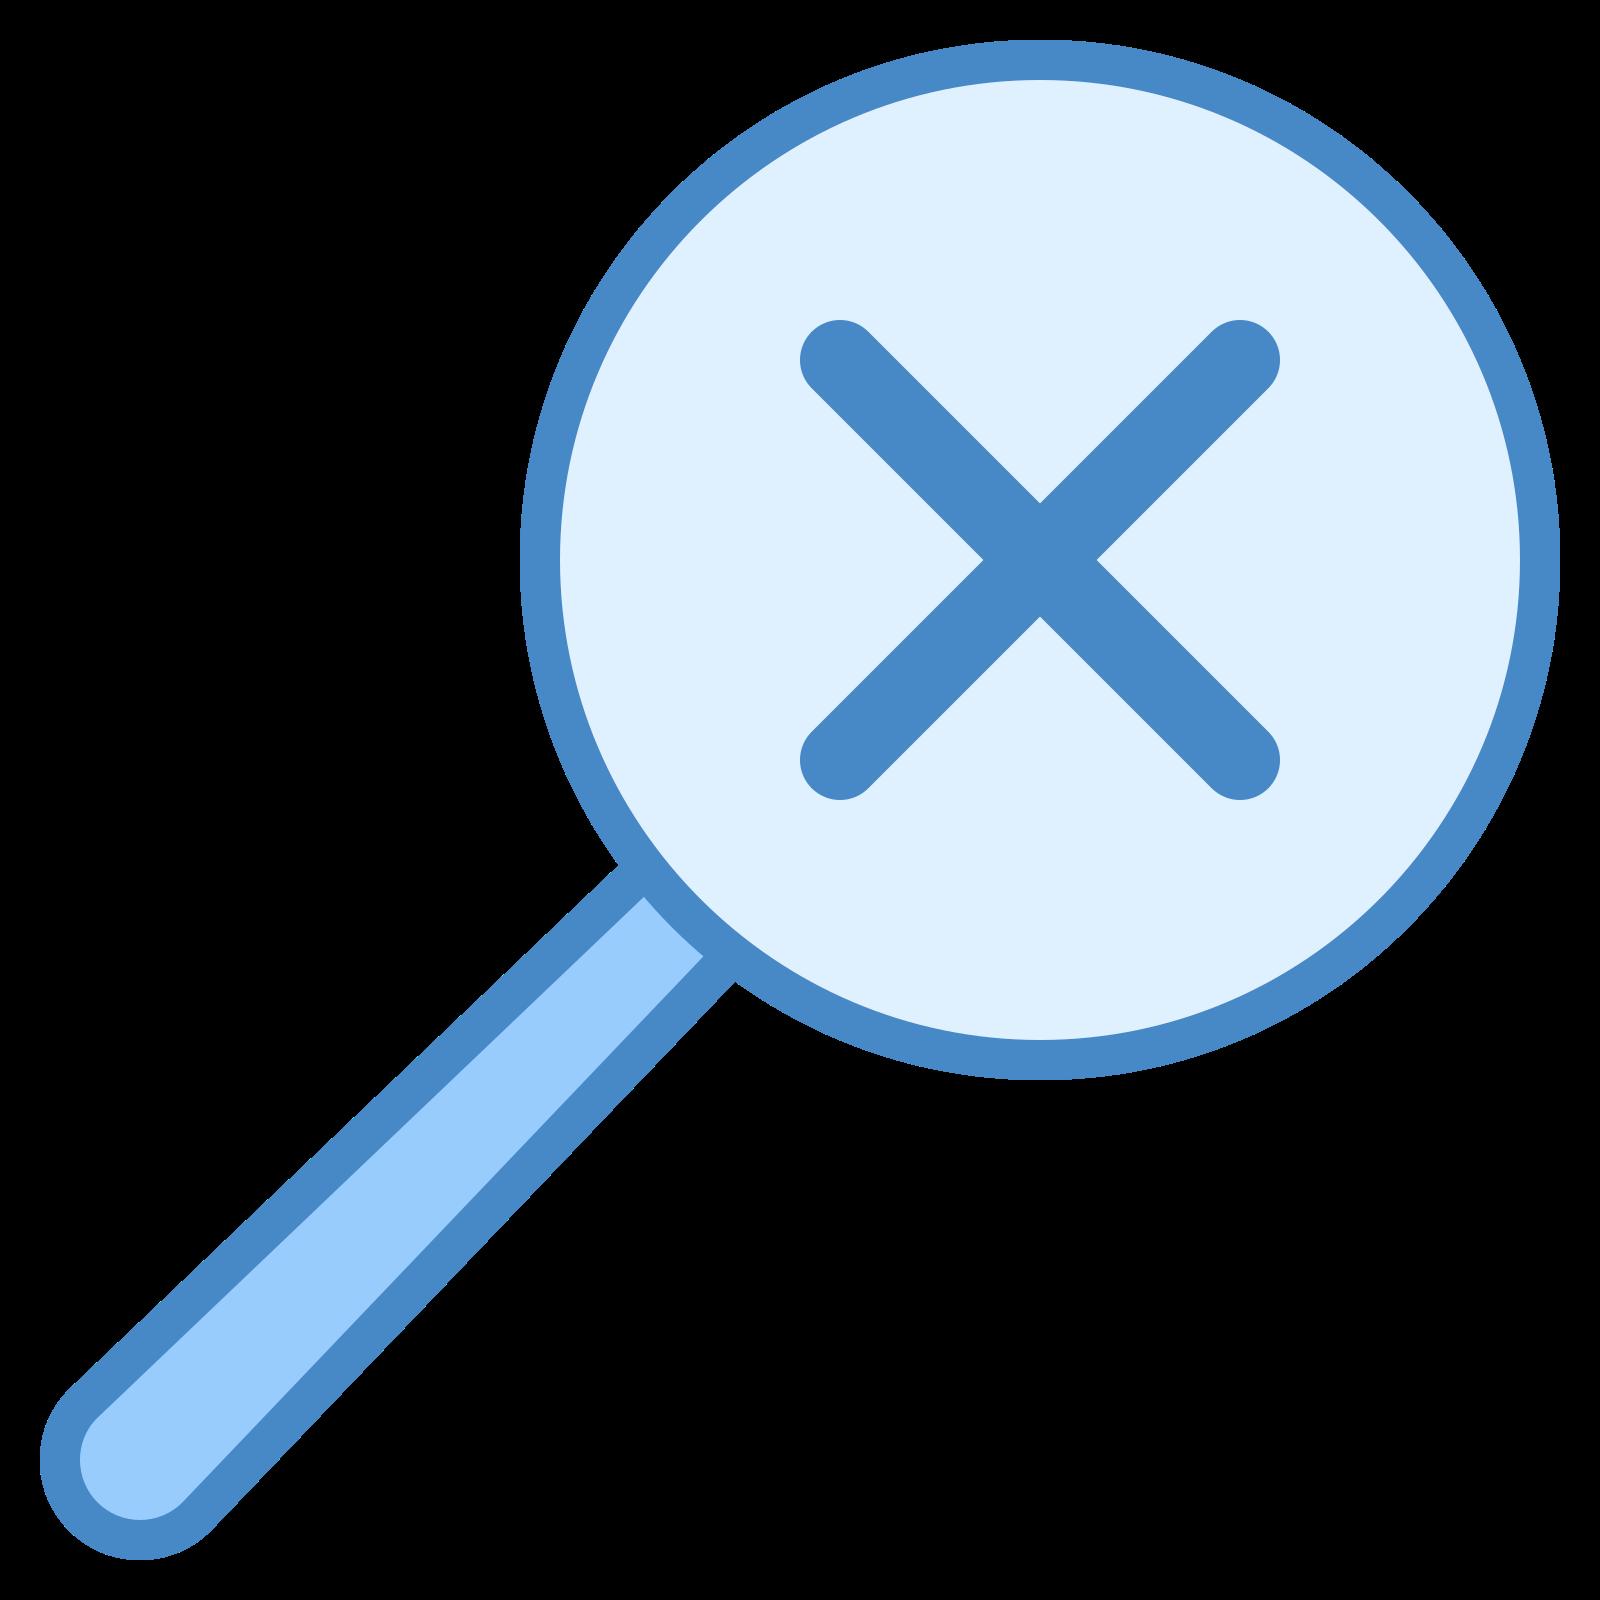 Очистить поиск icon